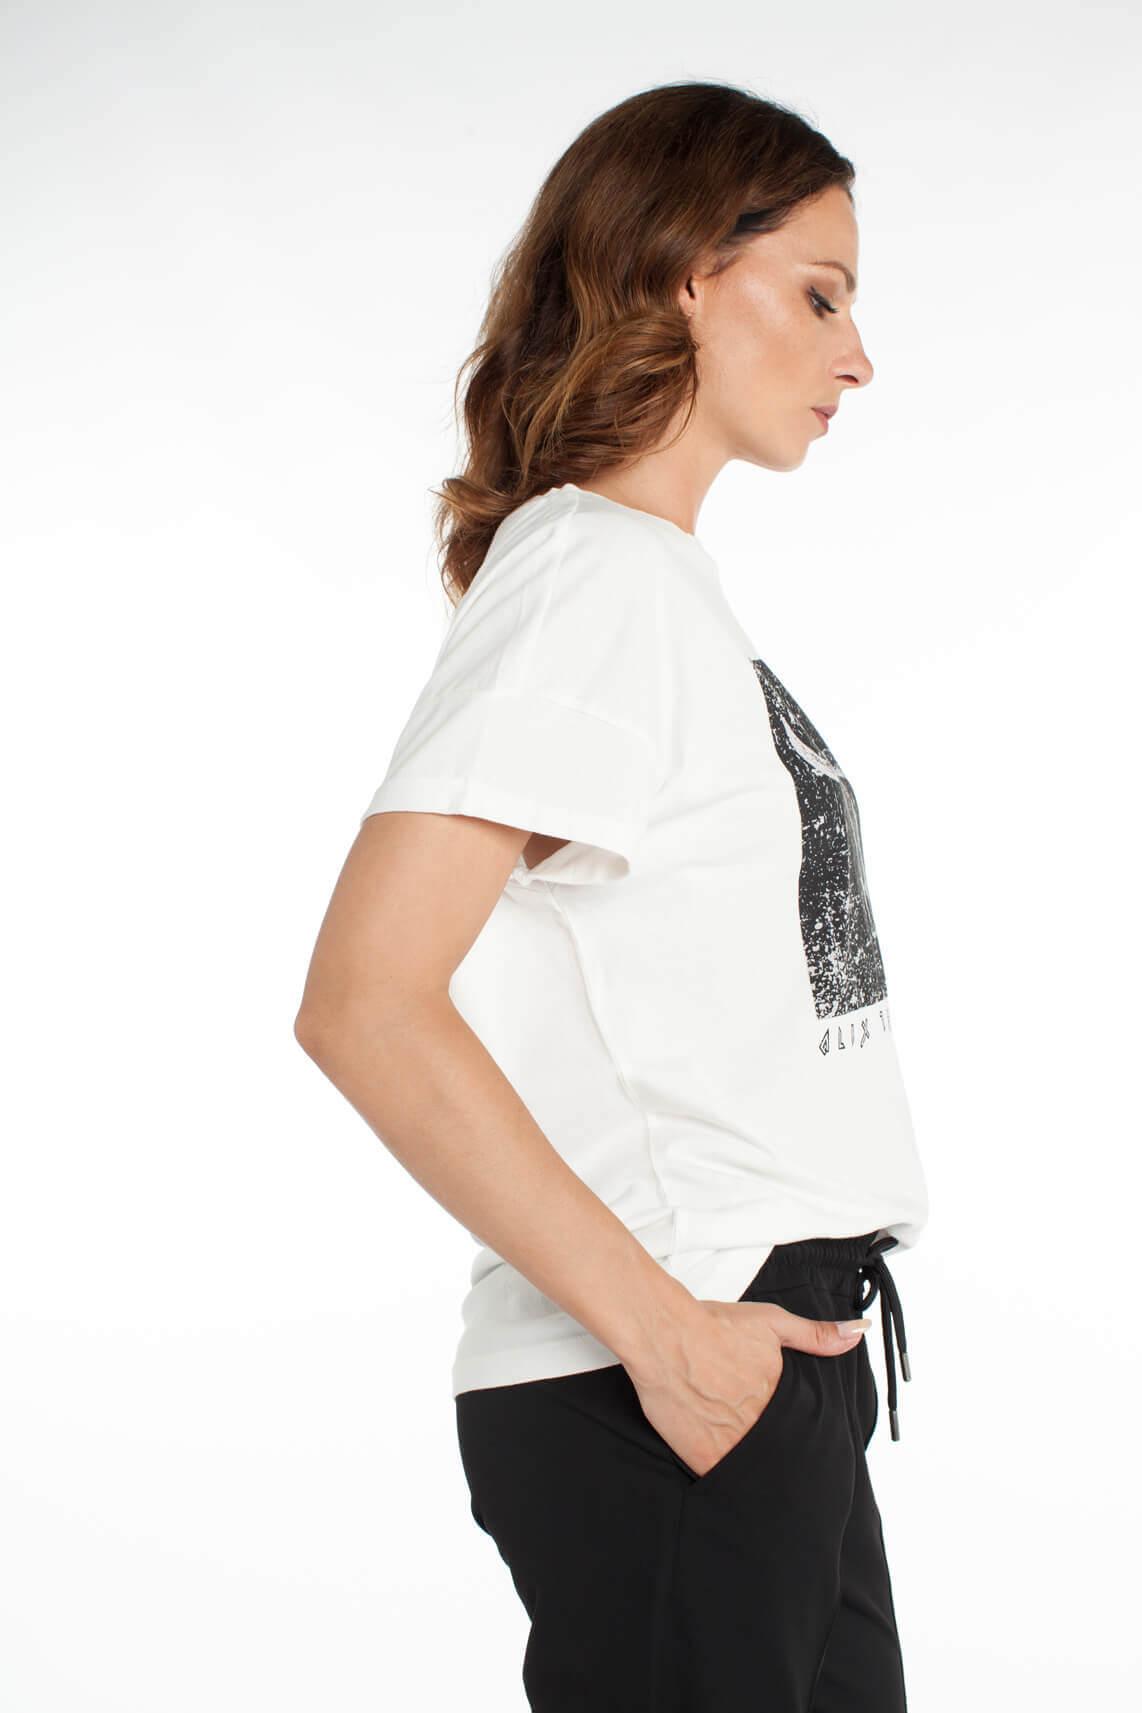 Alix The Label Dames Shirt met opdruk wit